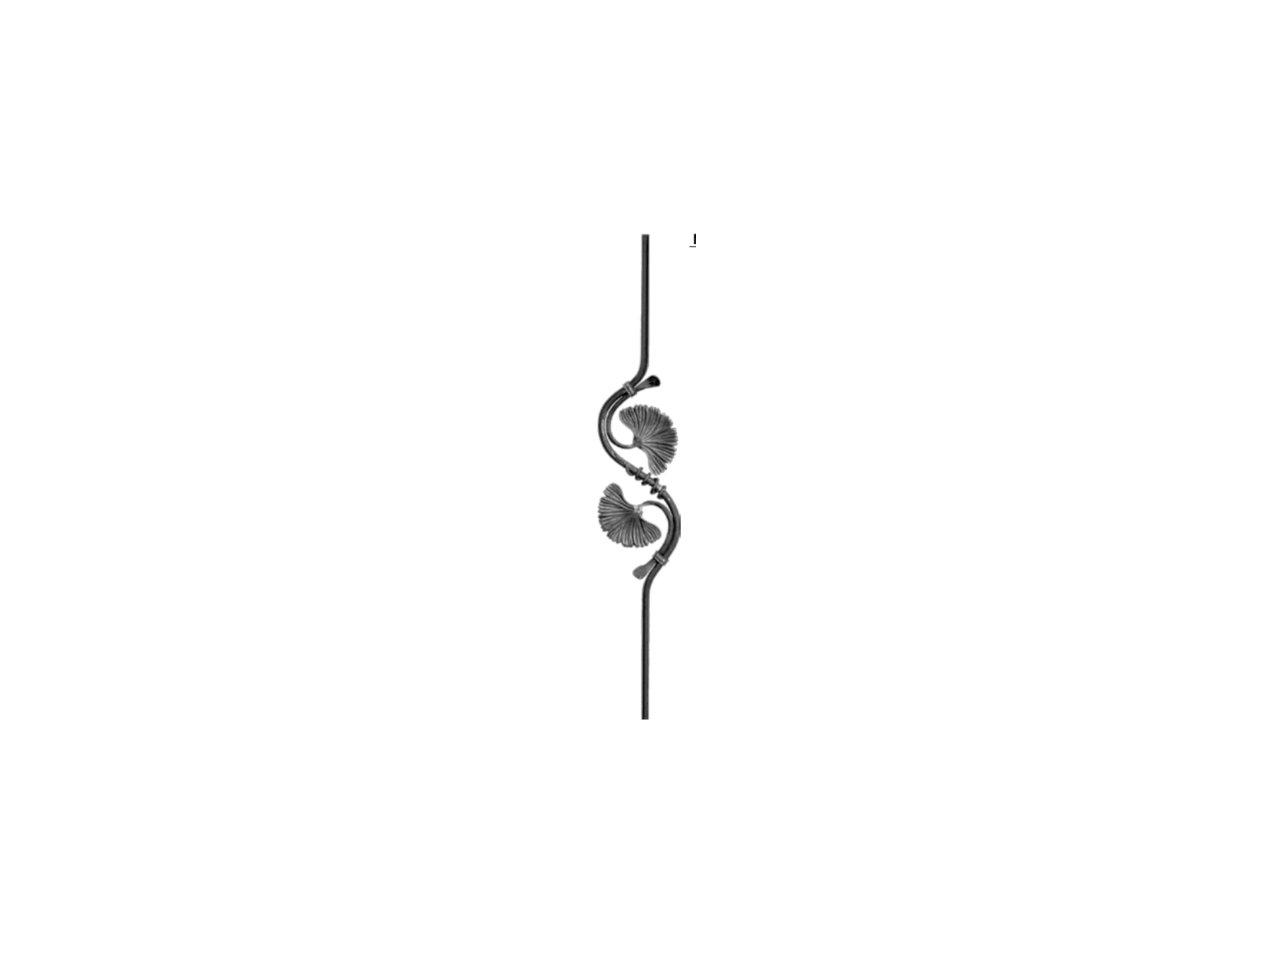 Tralka Skrętna Ozdobna 07.301.10 760 x 200